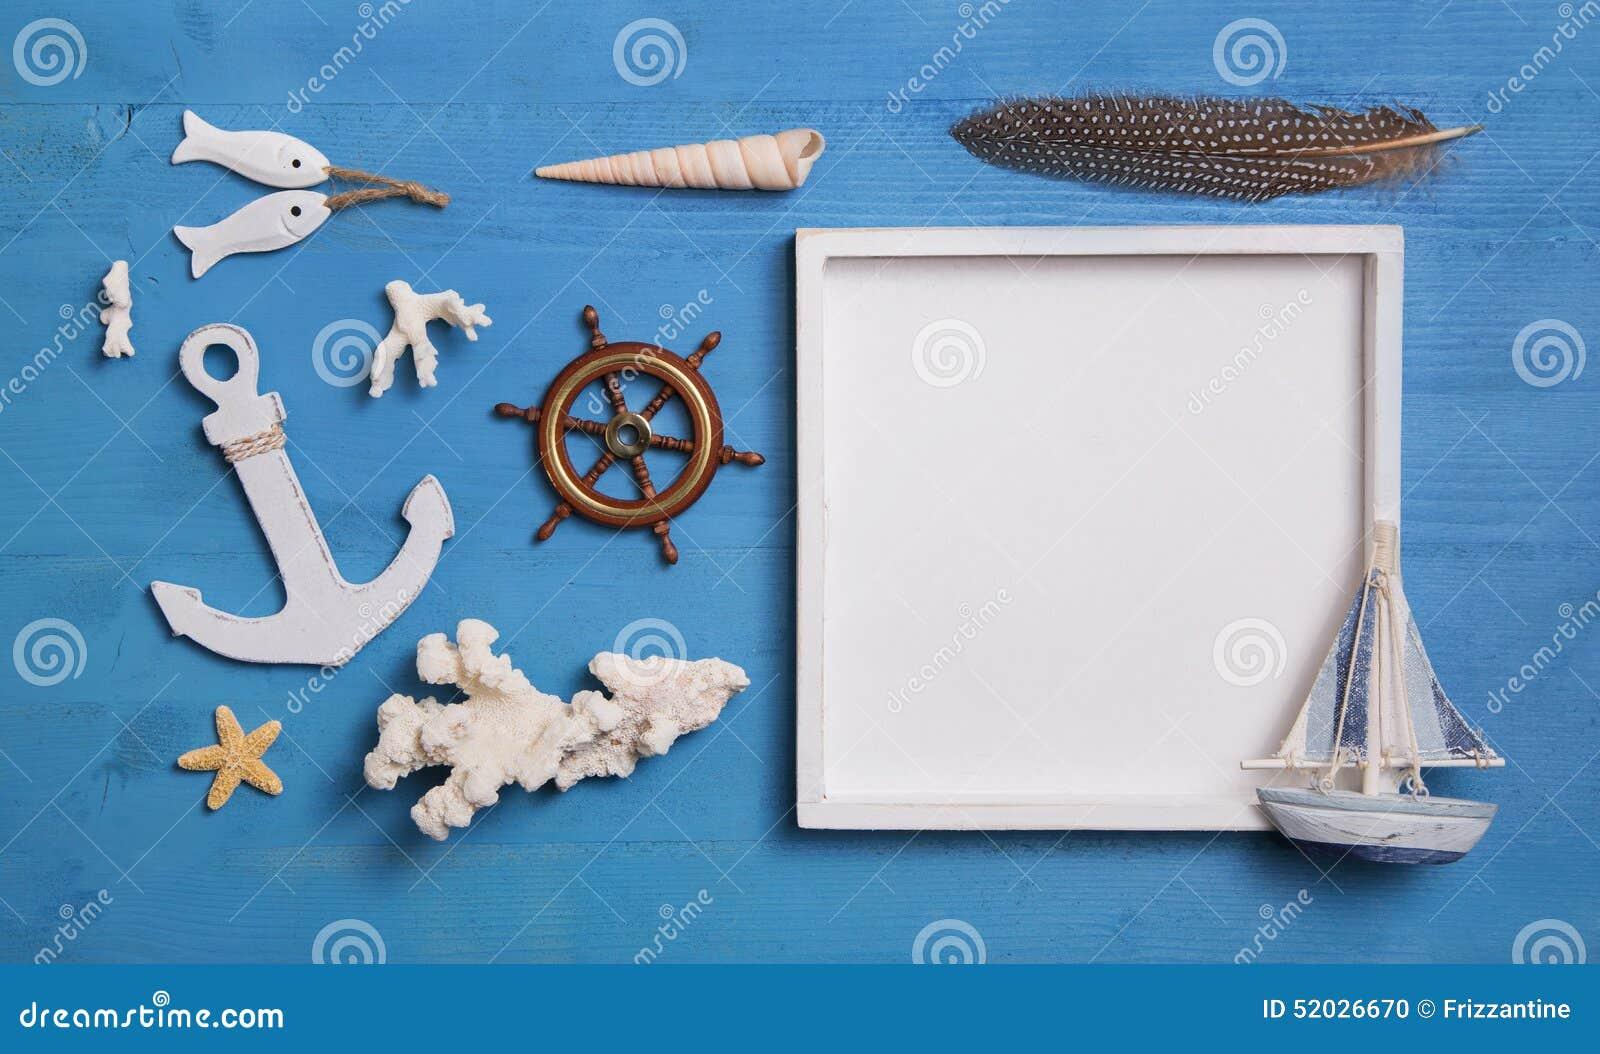 Zeevaart maritieme decoratie met anker zeilboot en wit s for Decoratie zeilboot